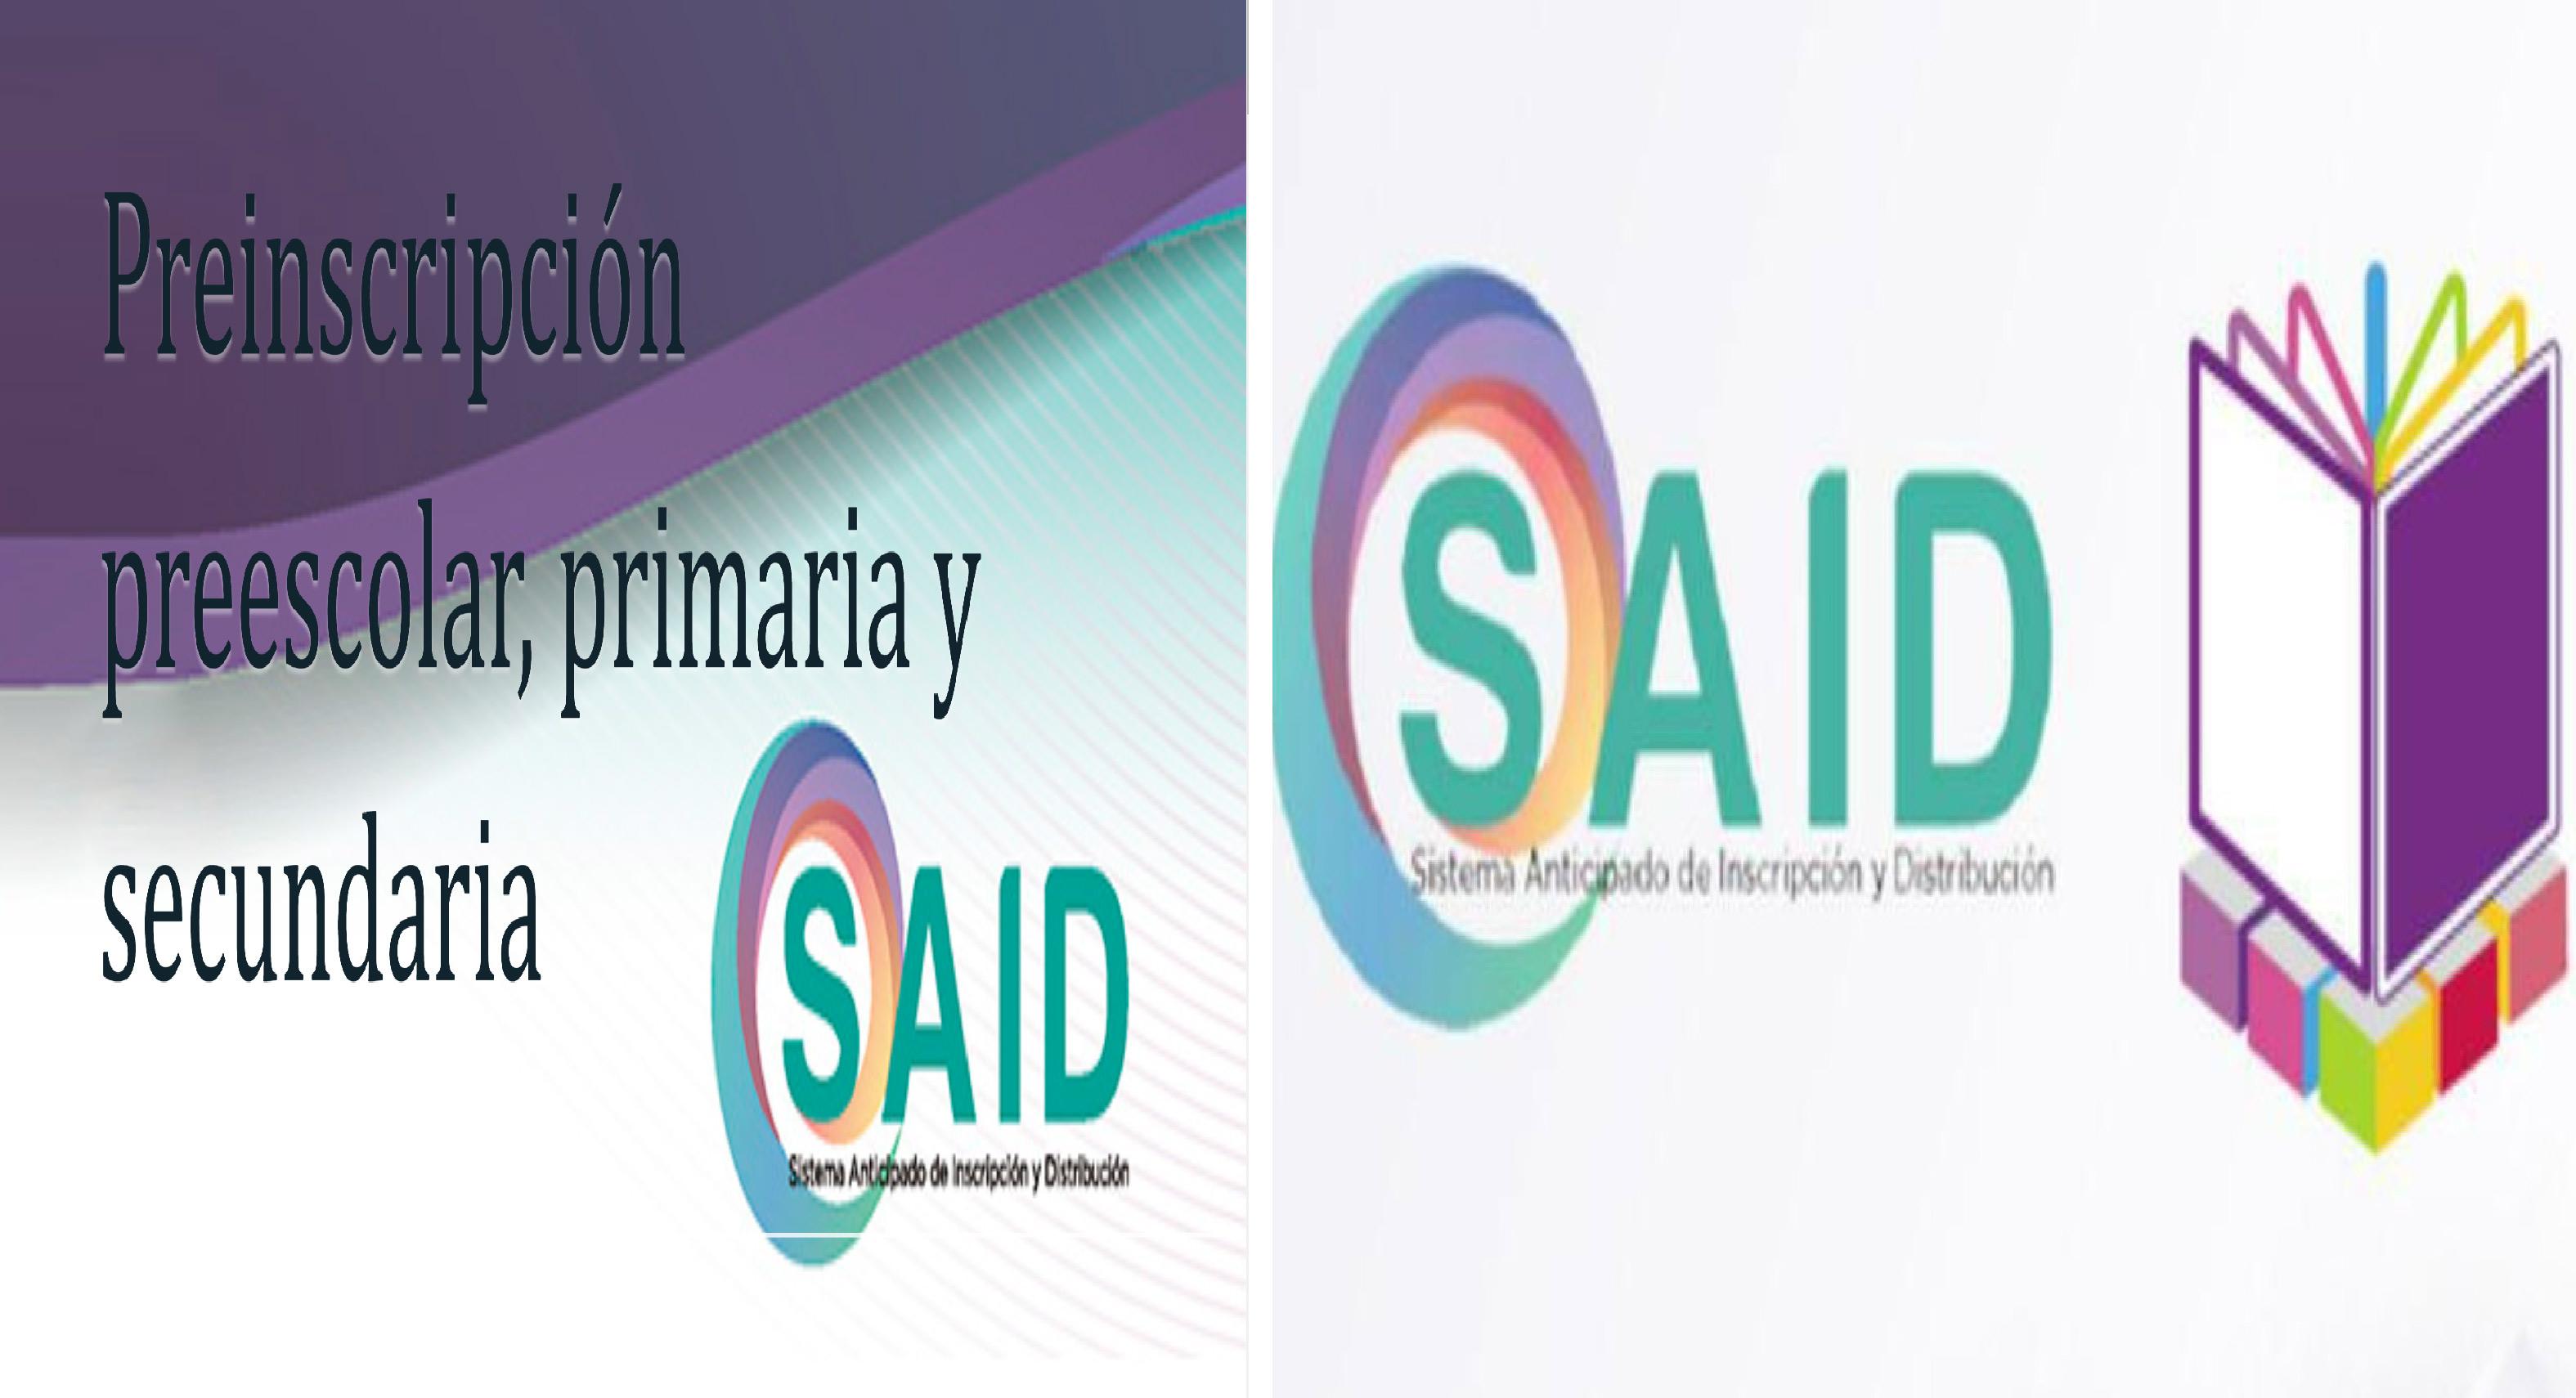 SAID 2021: Conoce donde será compartida la convocatoria de preinscripción